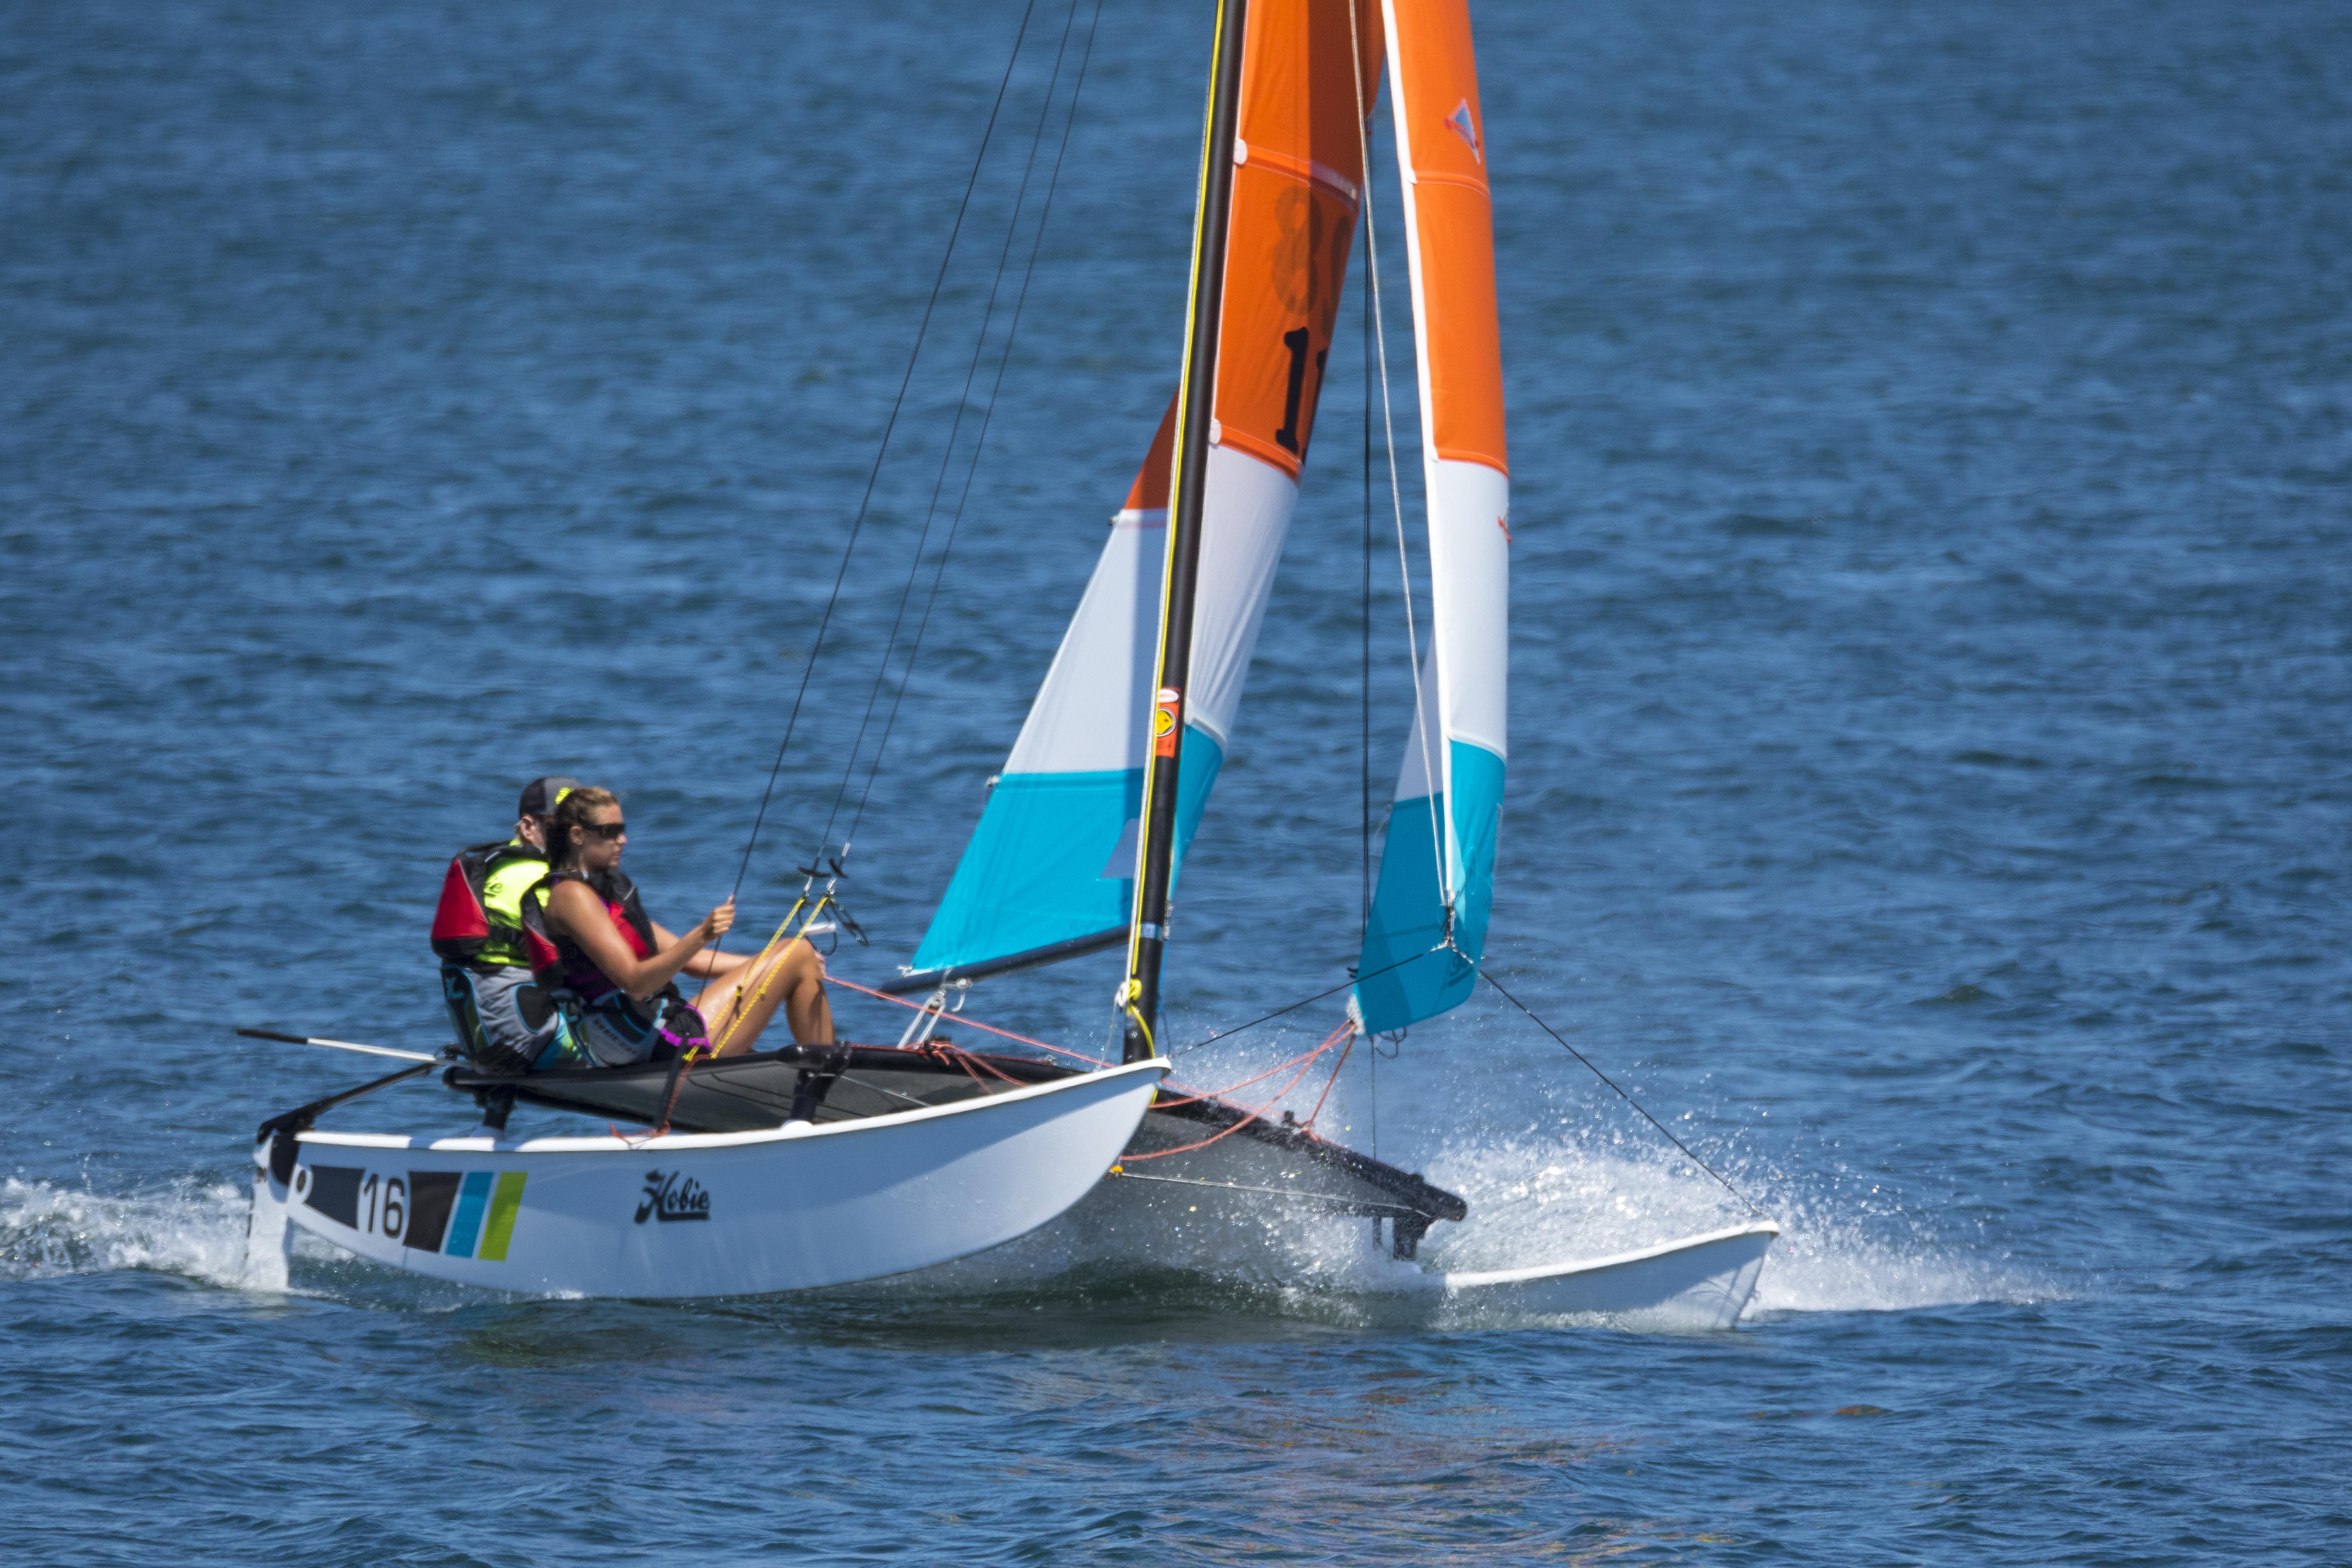 Louer un catamaran Hobie Cat 16 pour une sortie sportive en baie de Lancieux